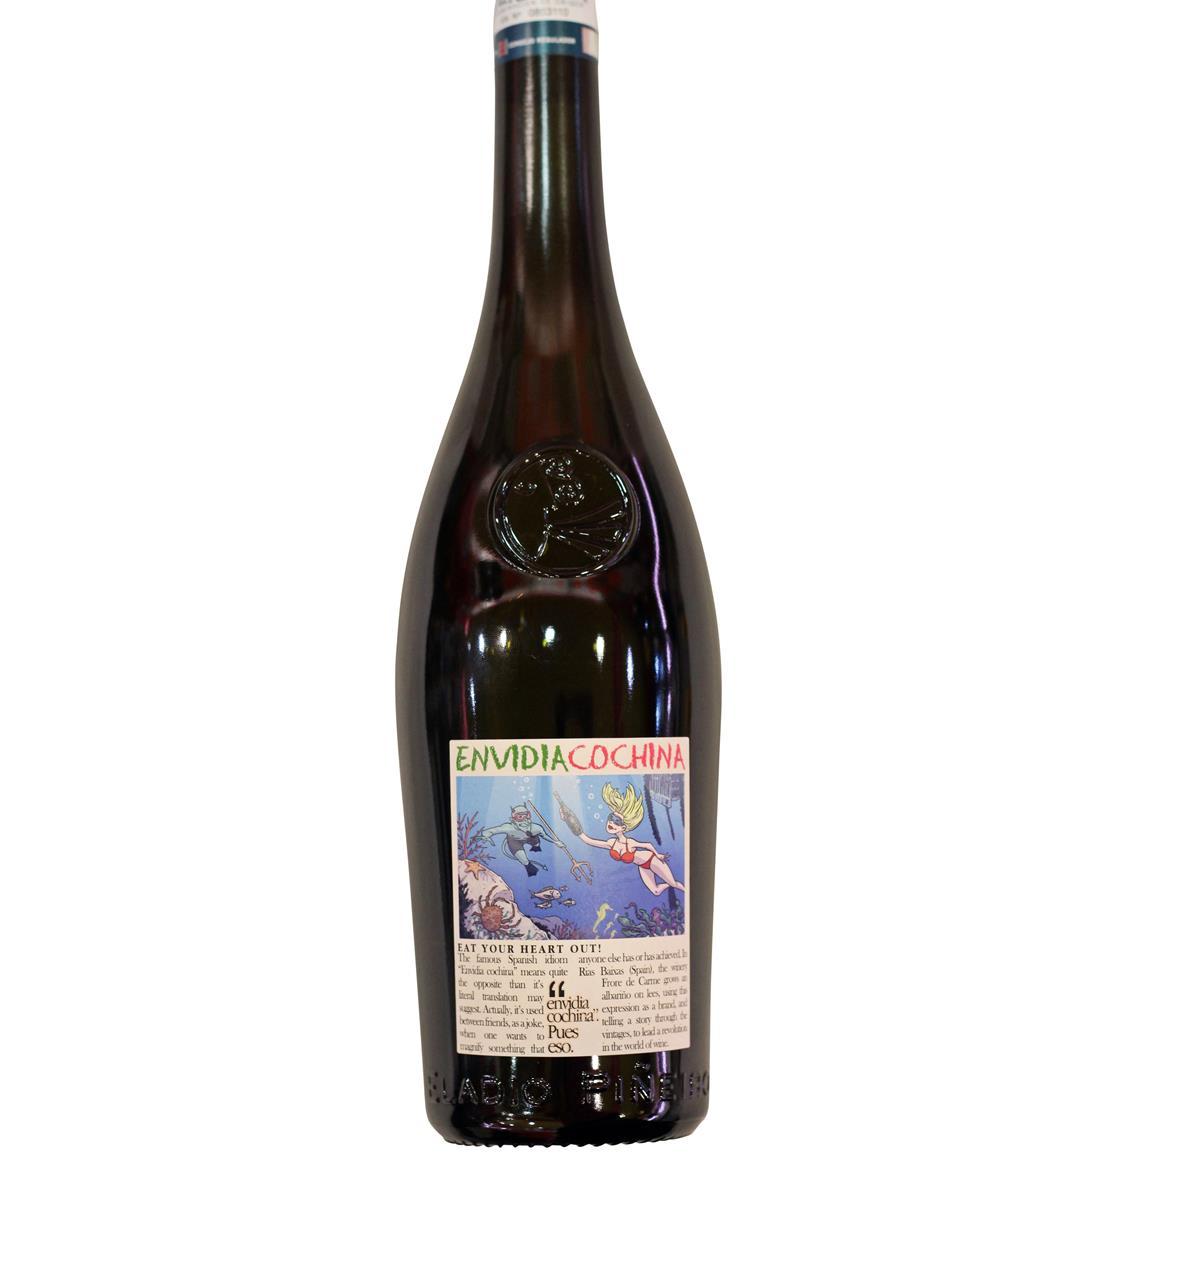 Comprar vino Envidia Cochina 2019 albarino rias baixas